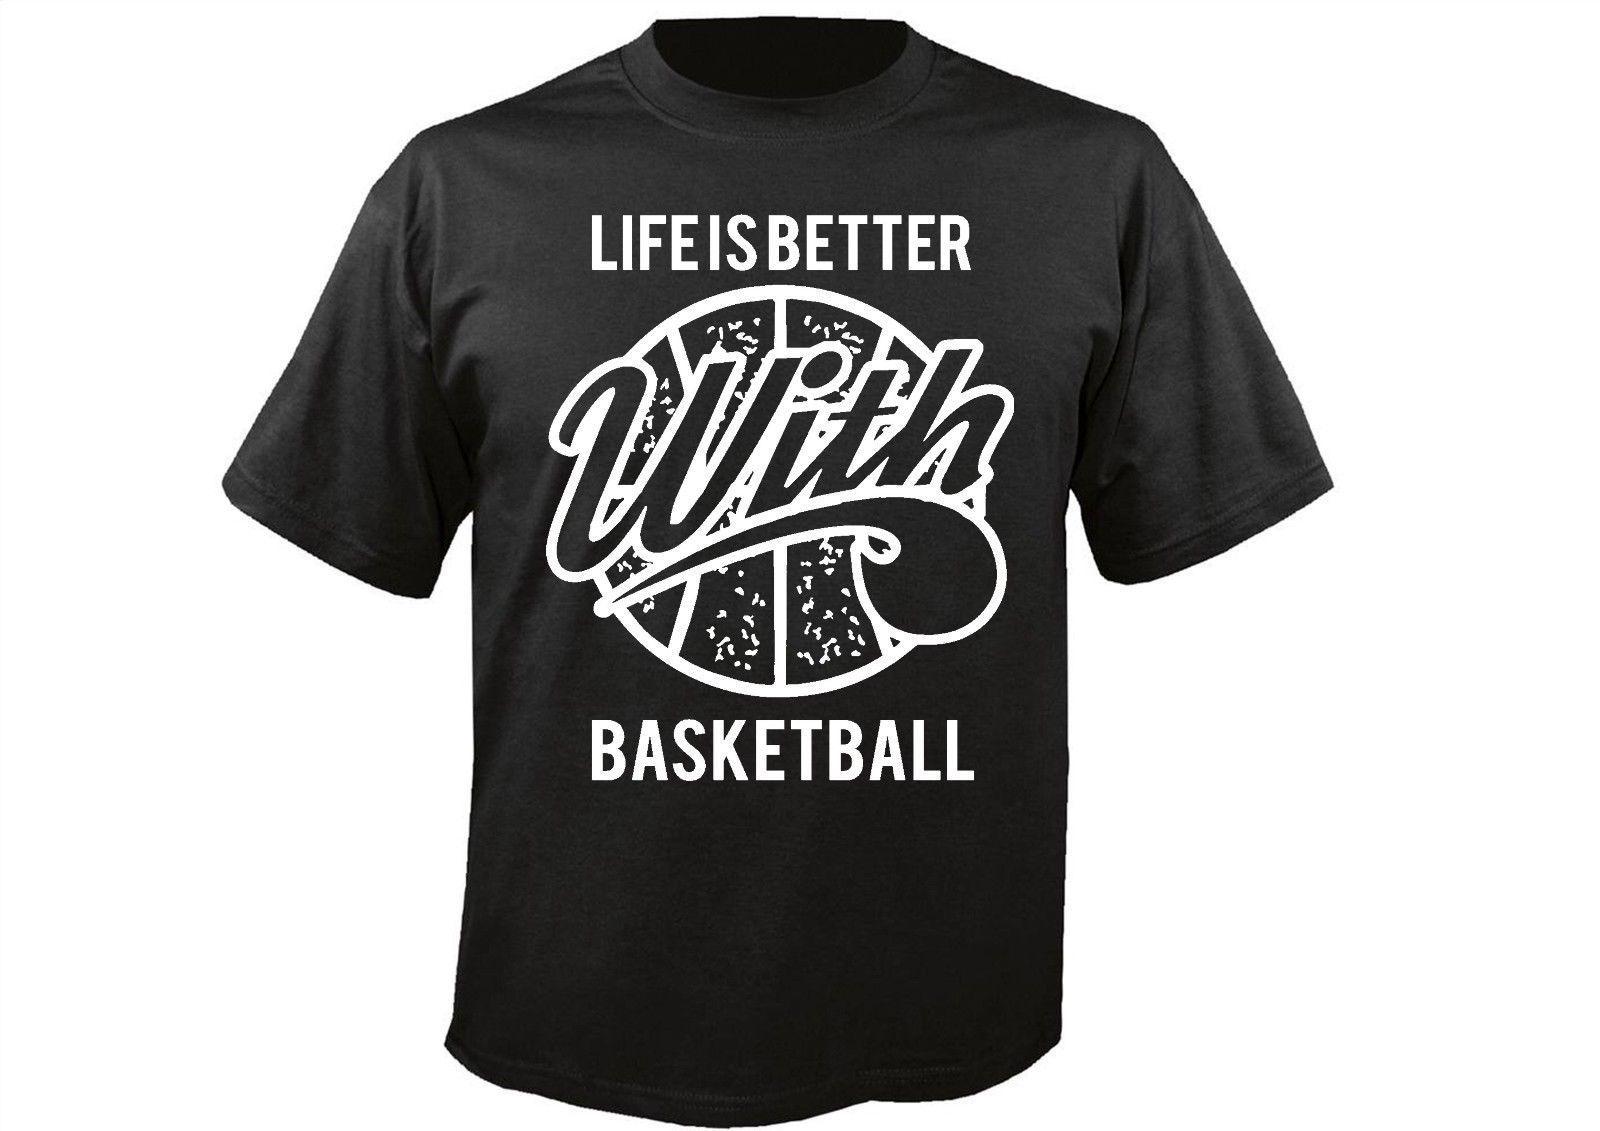 Maglietta più venduta per uomo La migliore maglietta per uomo è meglio con la maglietta estiva gratuita di Basketballer